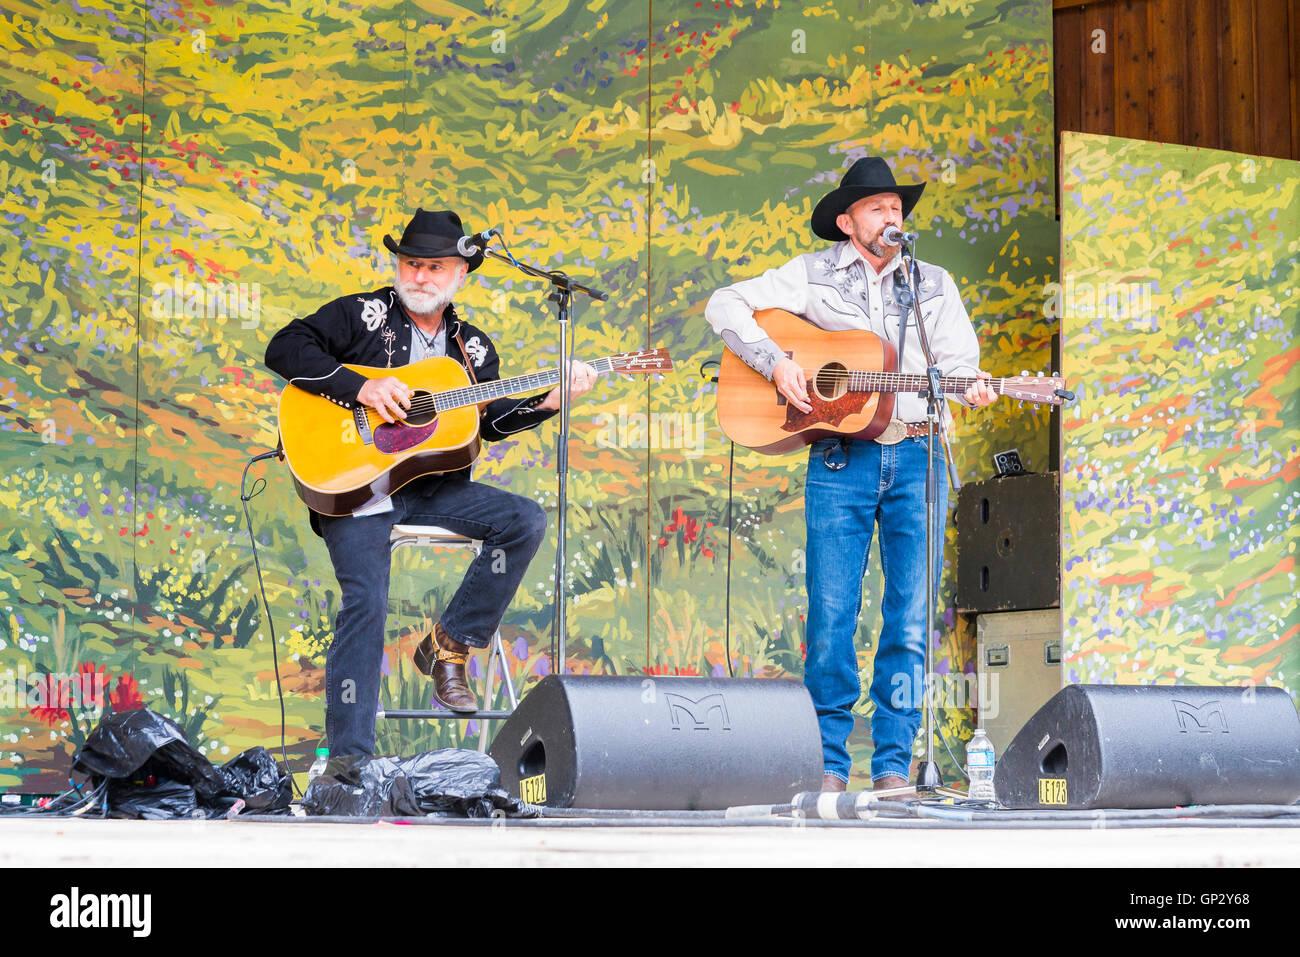 Ridley doblados realizando en Canmore Festival de Música Folk, Canmore, Alberta, Canadá Imagen De Stock